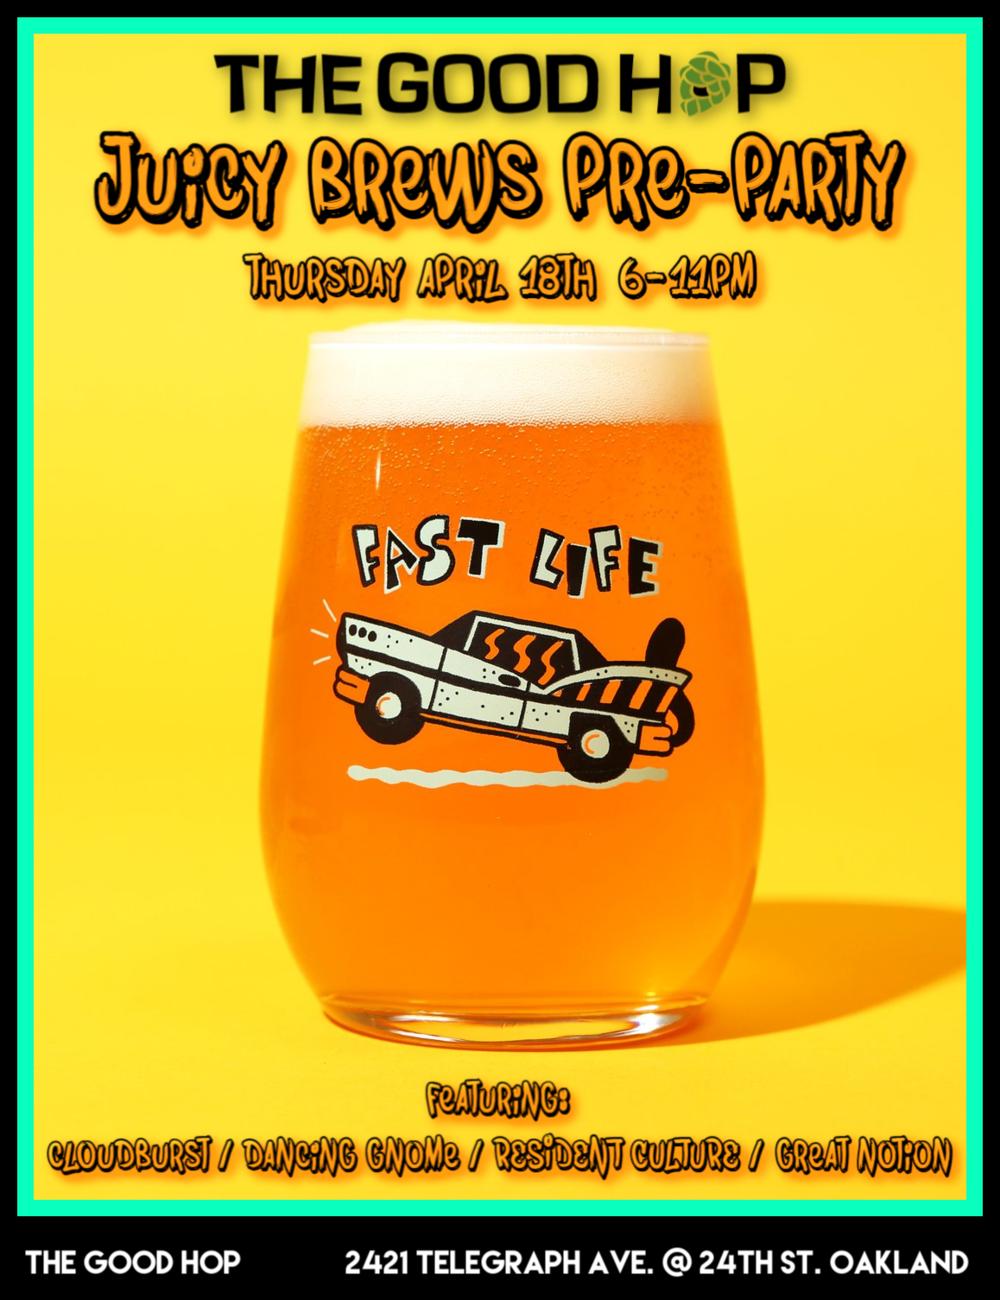 Juicy Brews Pre-Party 2019 Flyer.png